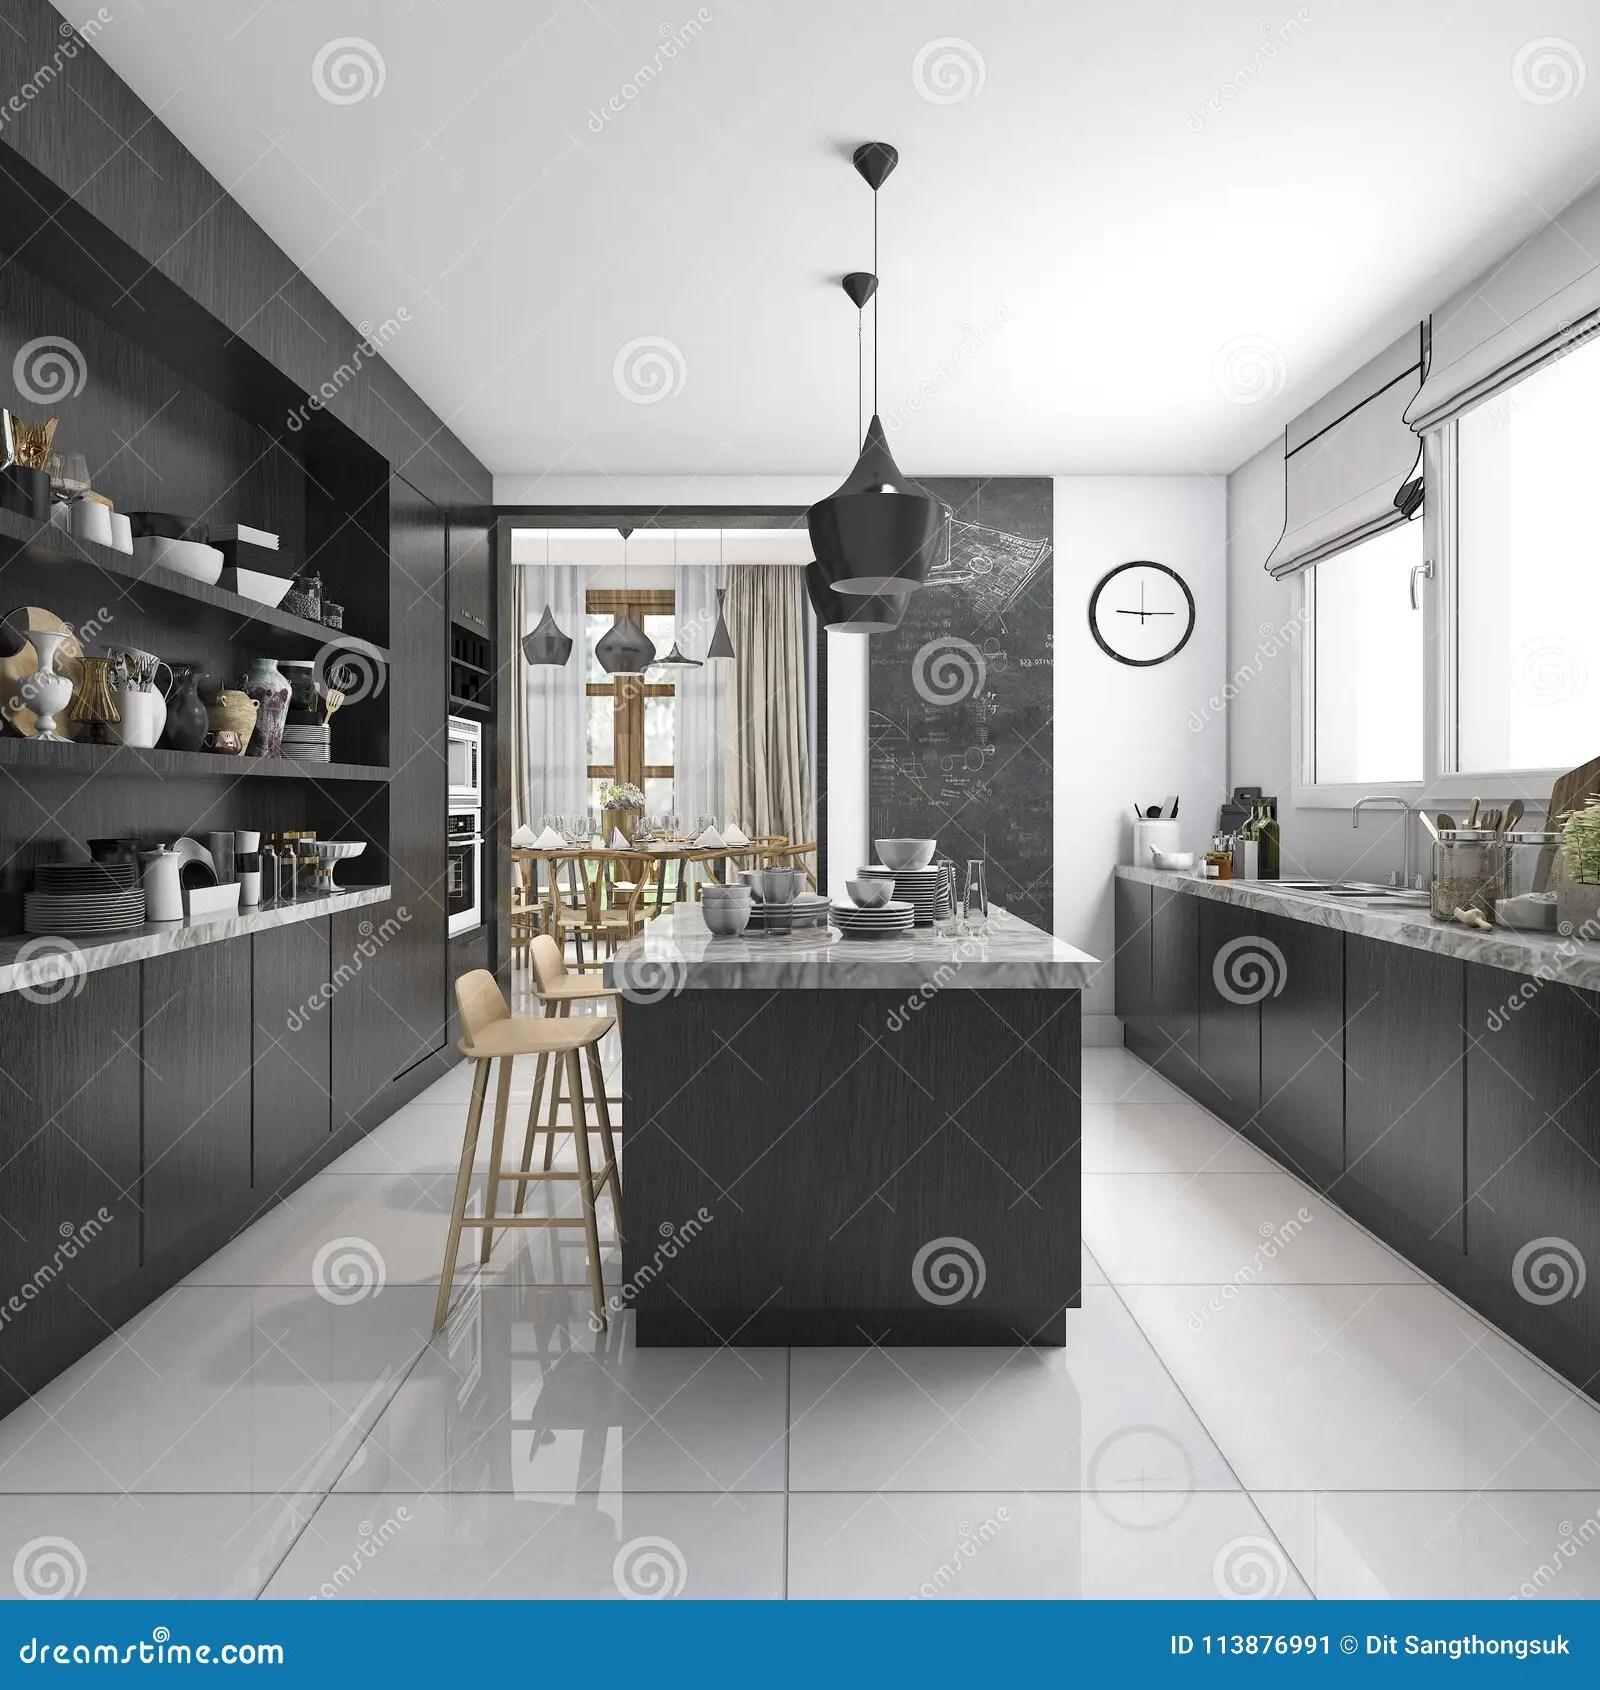 https fr dreamstime com d rendant cuisine industrielle style zone dinante en bois noire image113876991